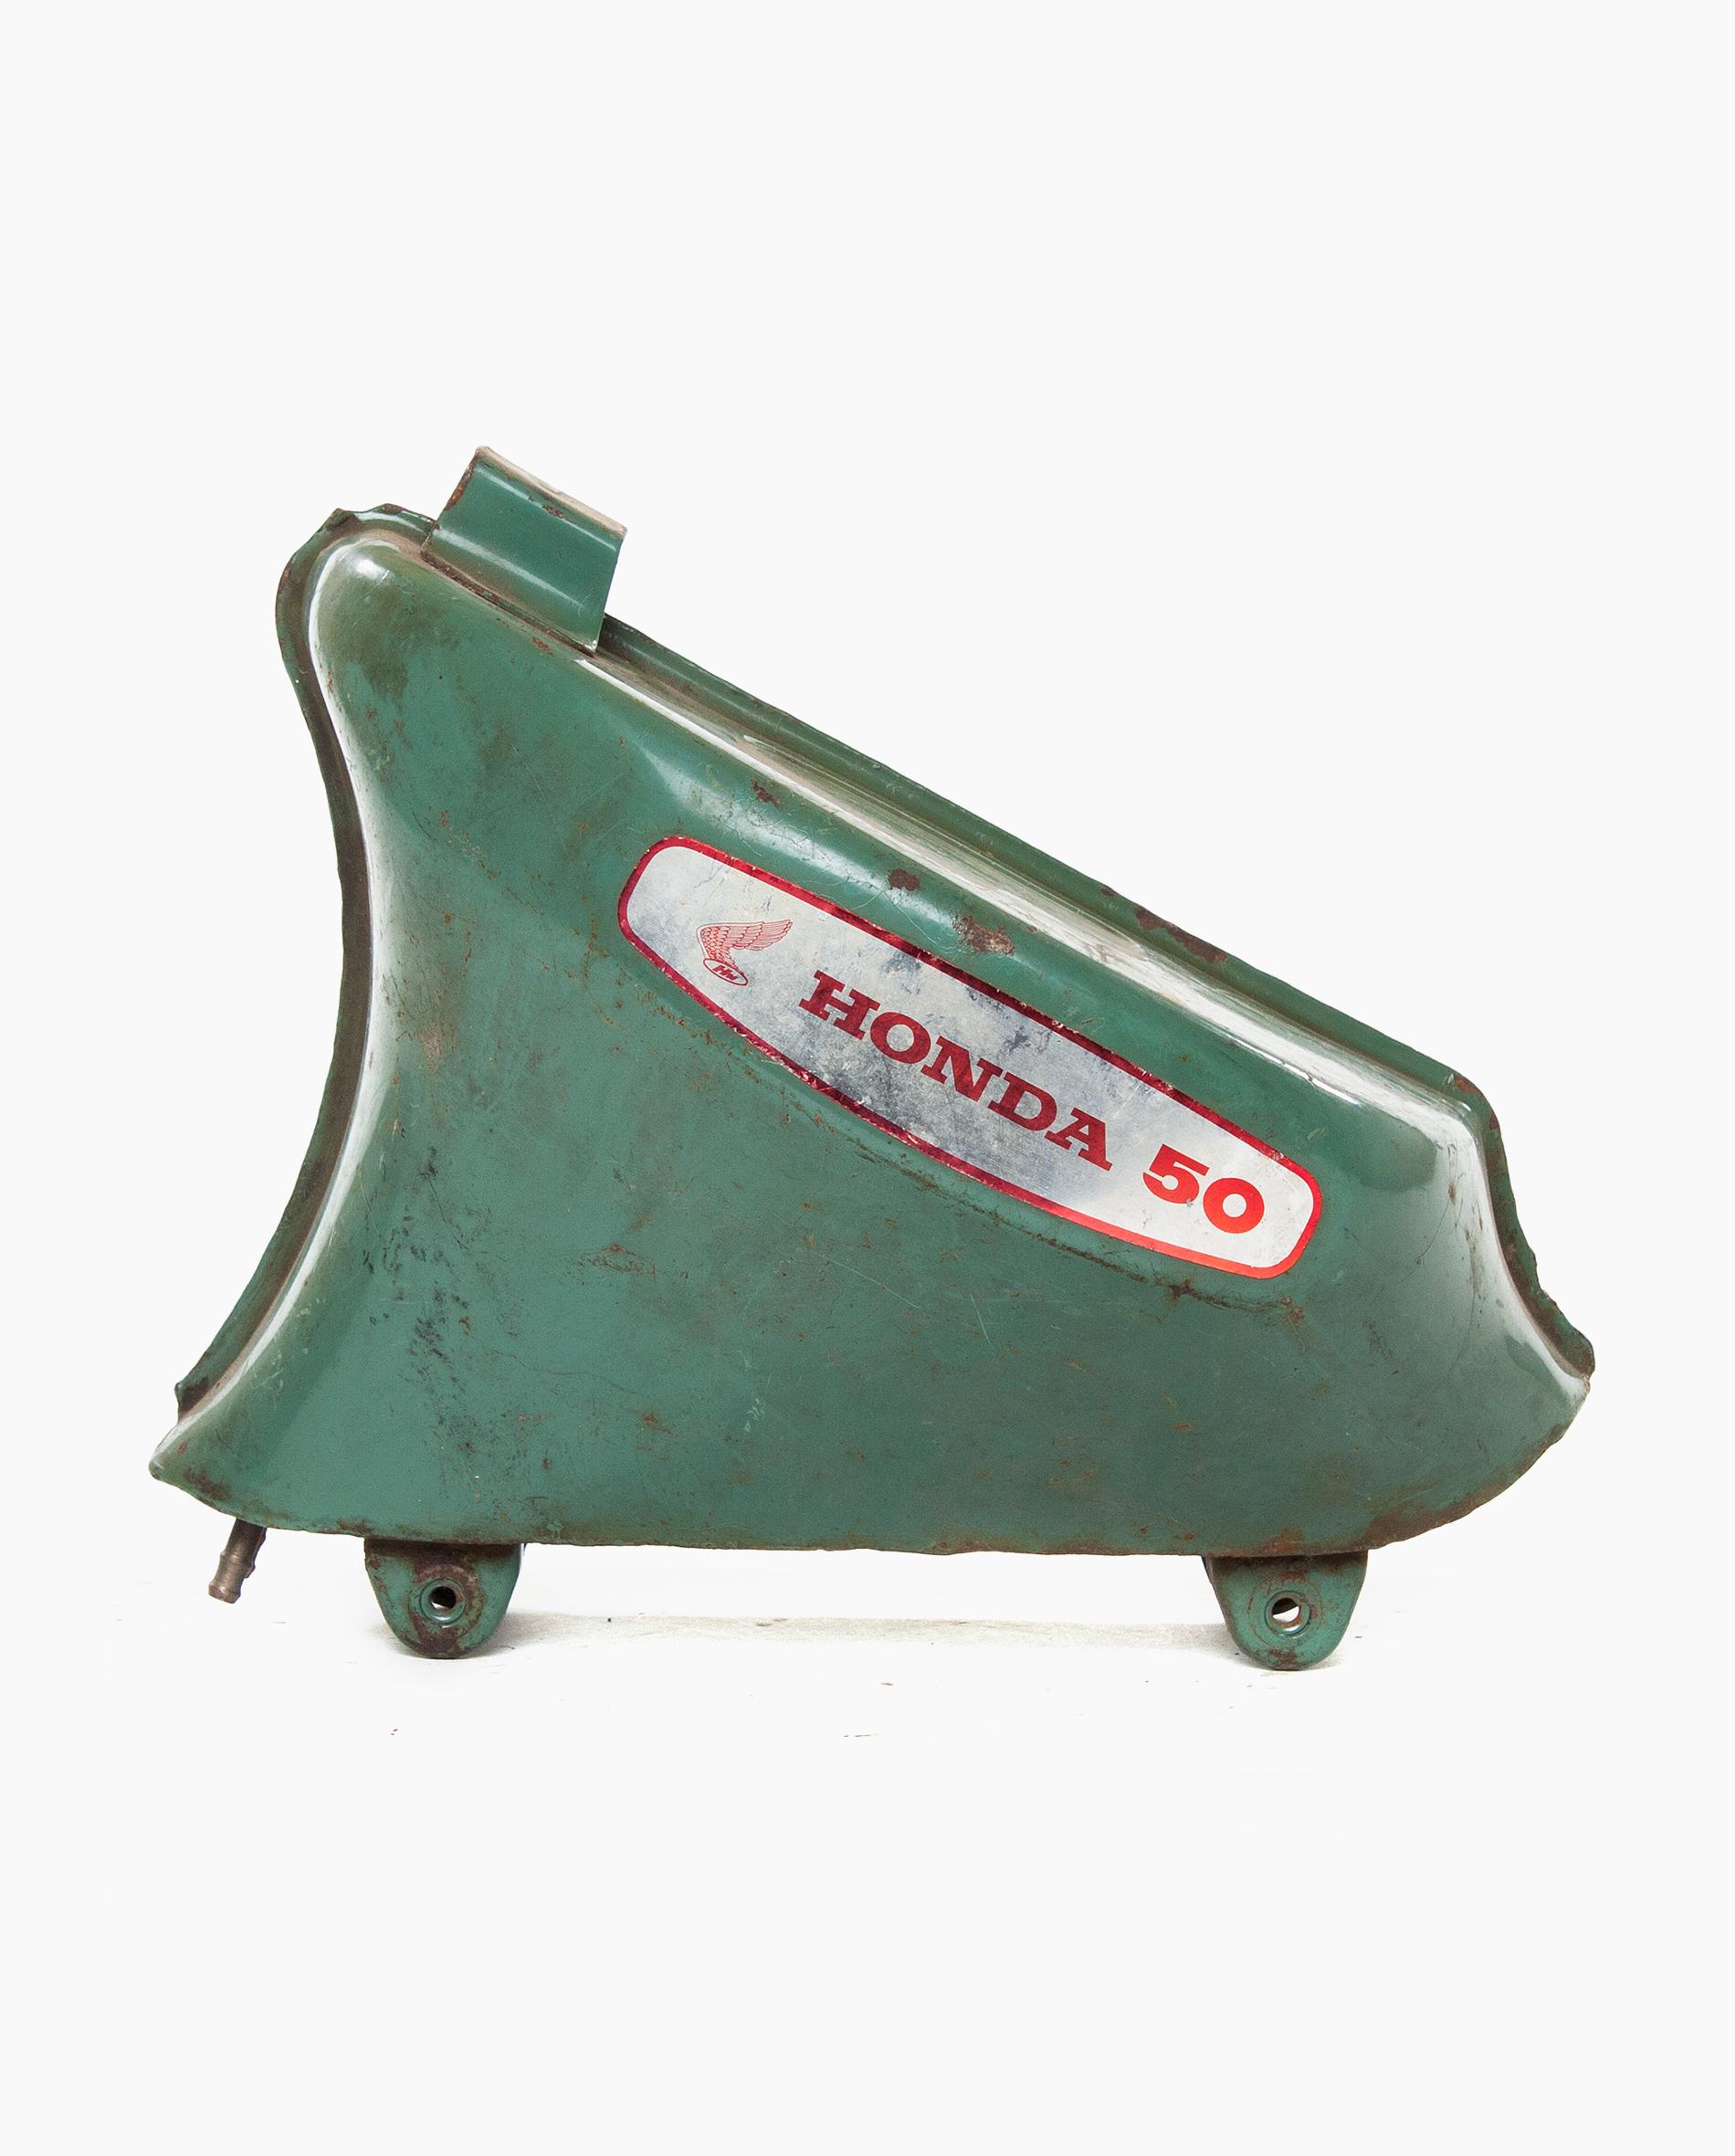 Honda C50 petrol tank (nr. 63)